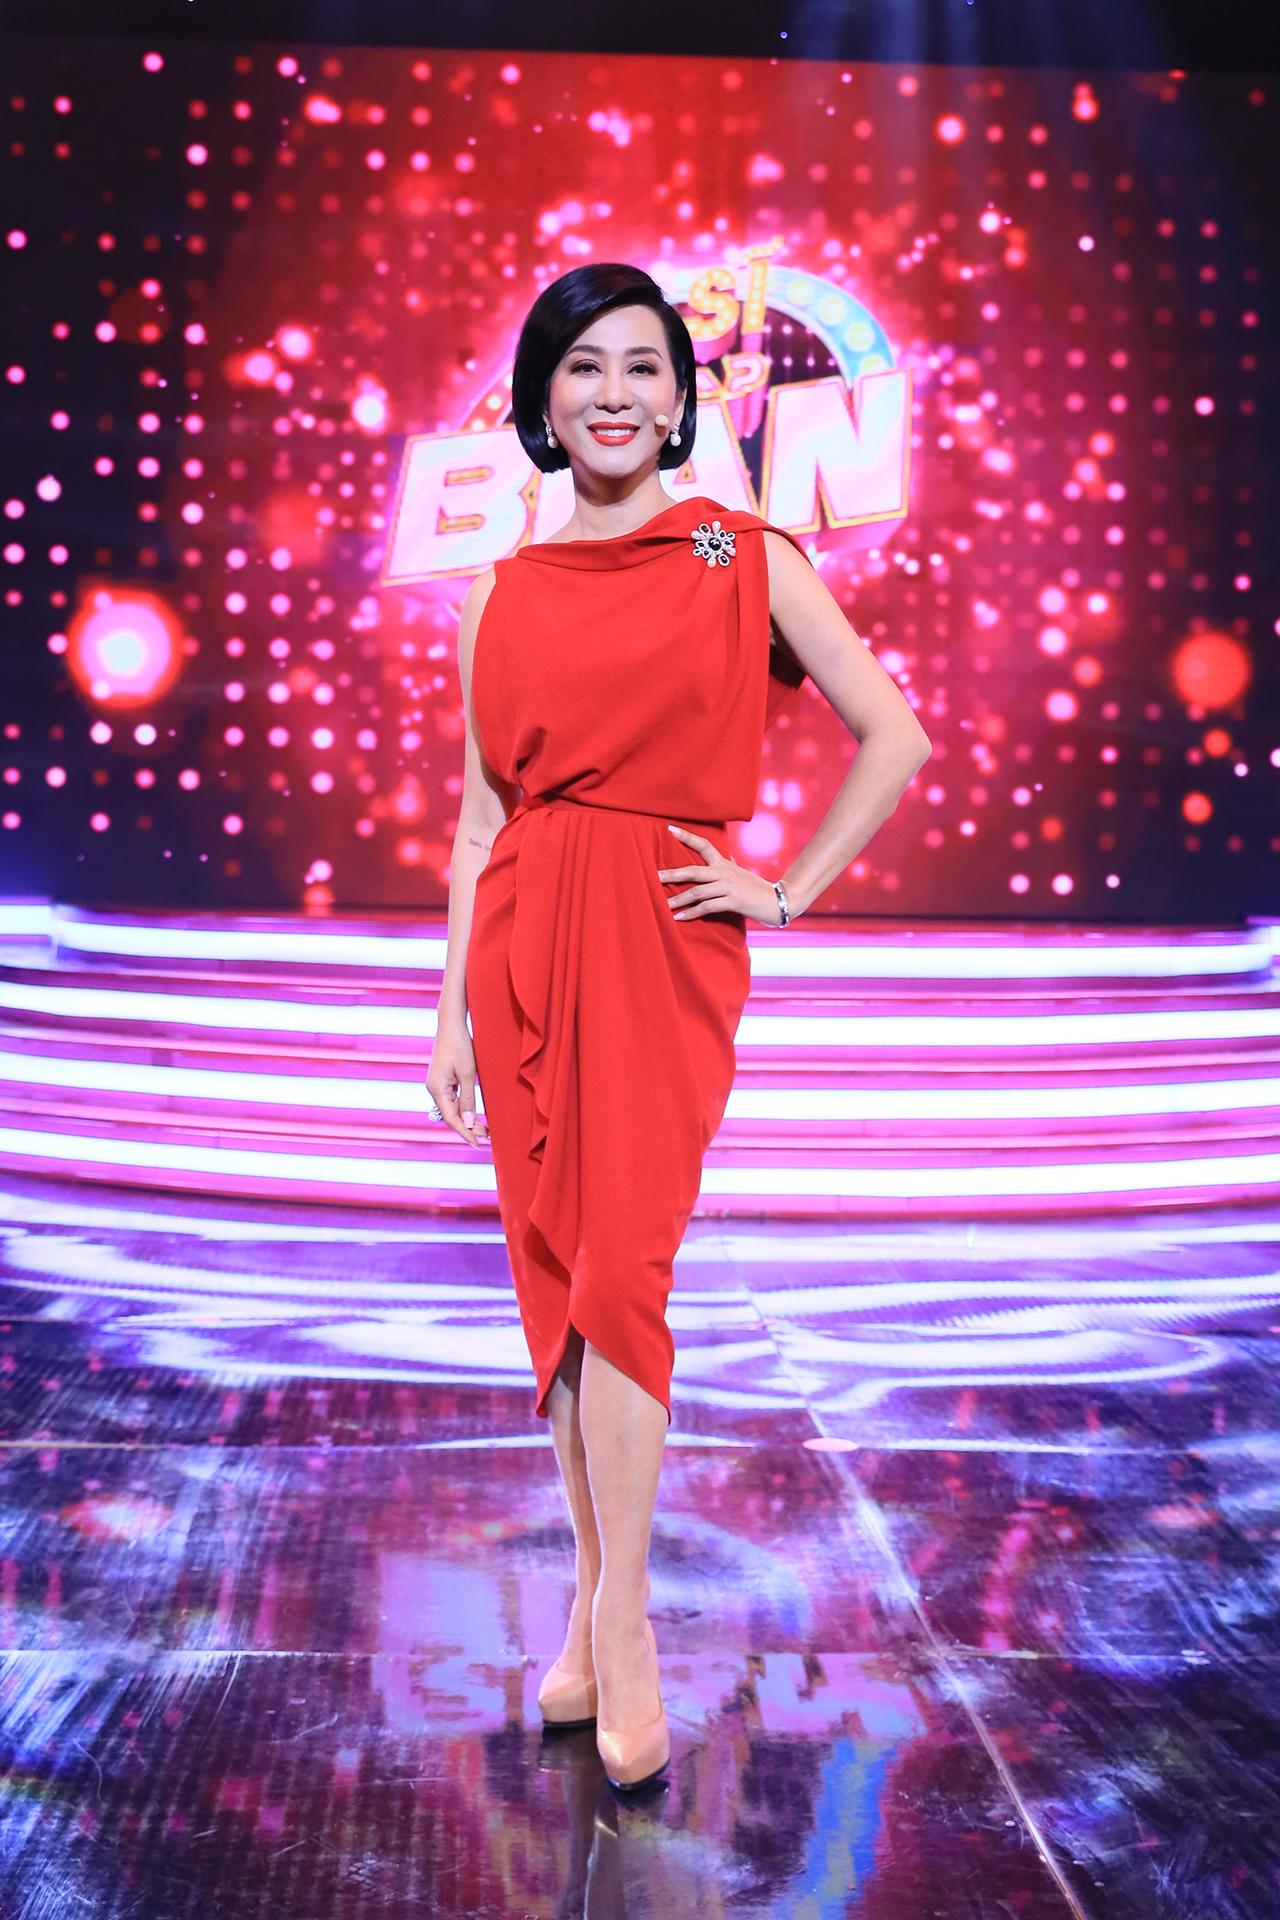 MC hải ngoại Nguyễn Cao Kỳ Duyên bất ngờ về nước làm giám khảo gameshow 1